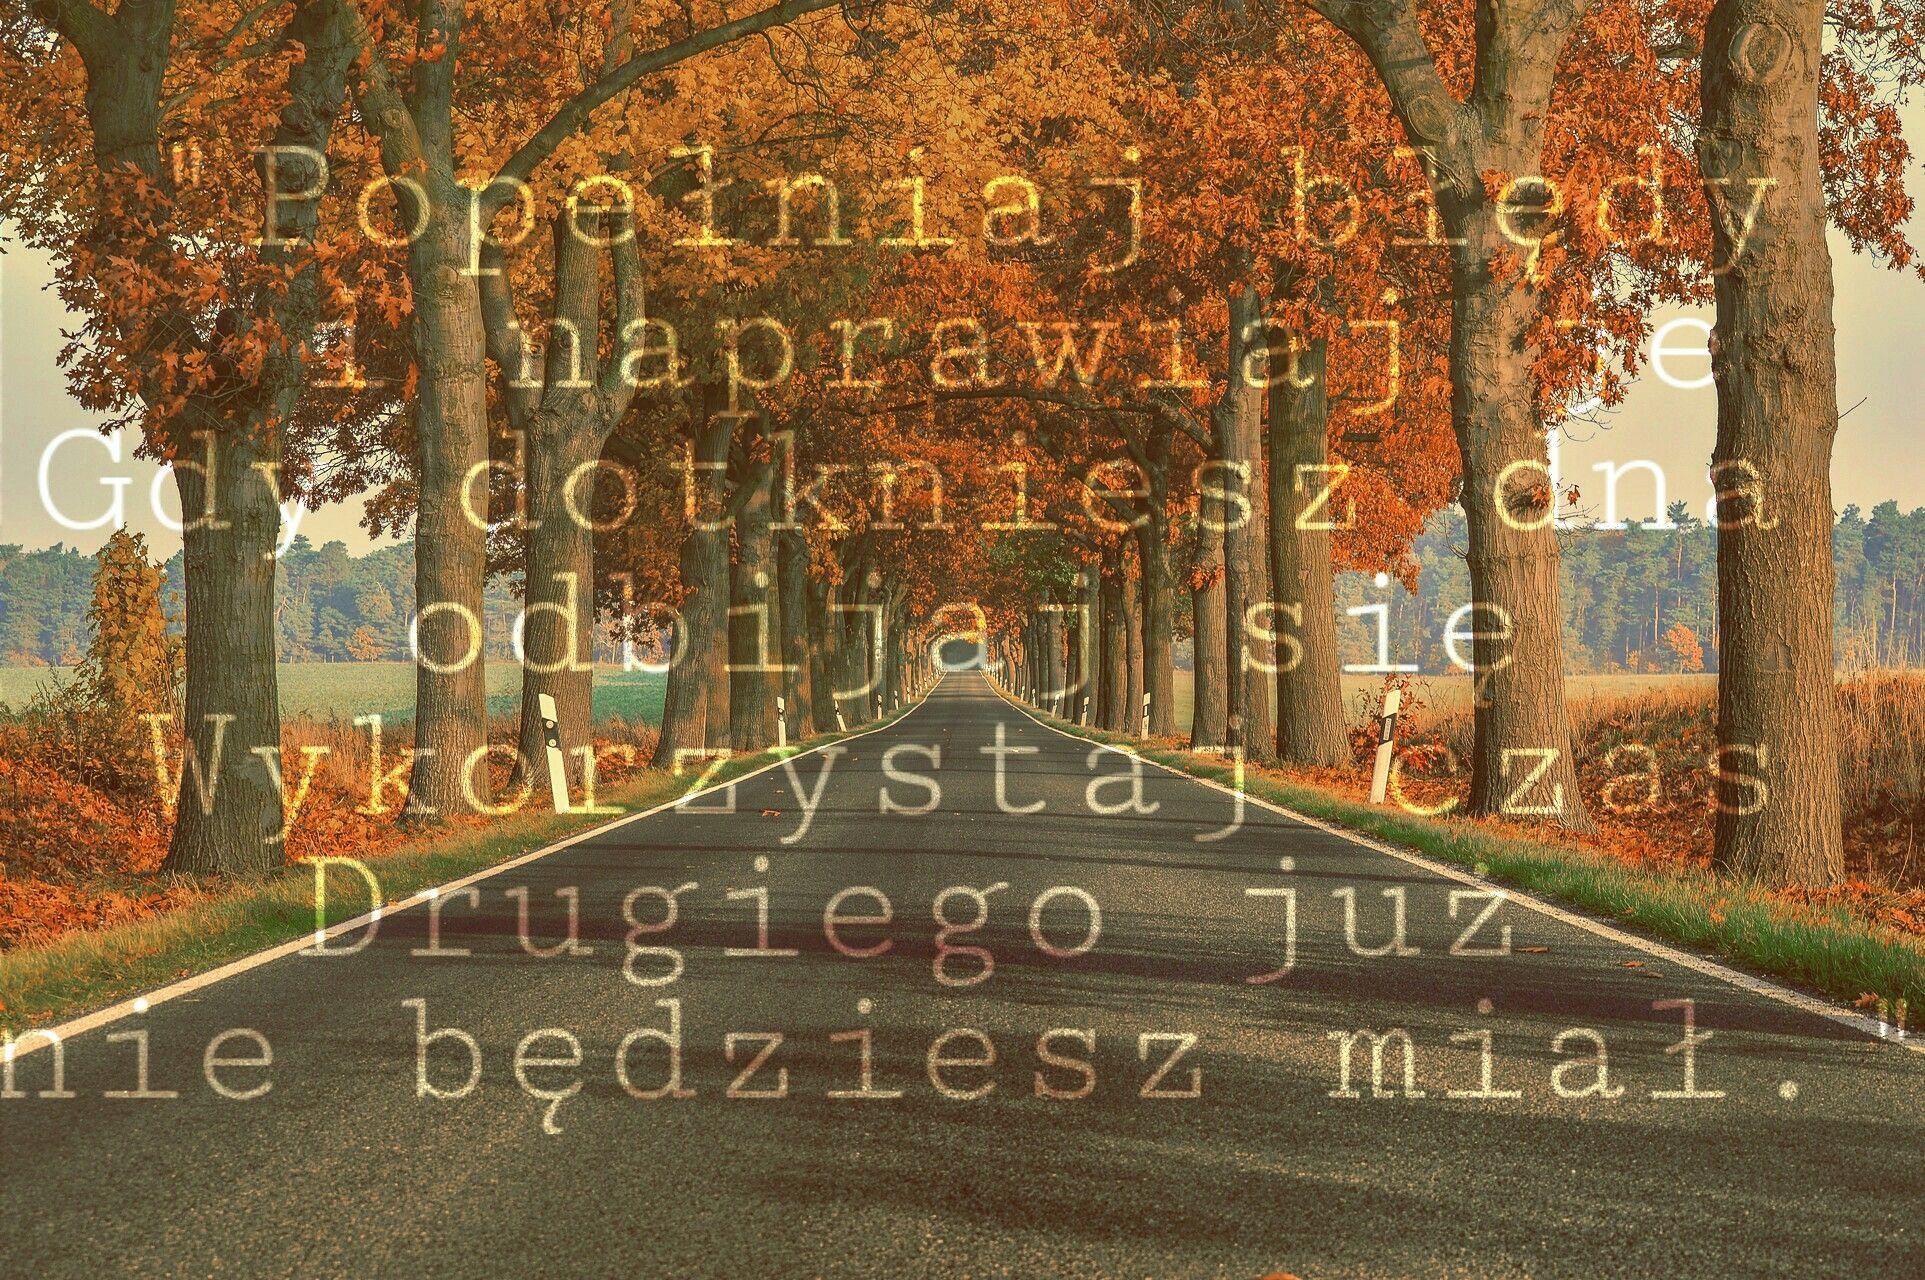 Acidland By Myslovitz Piosenki